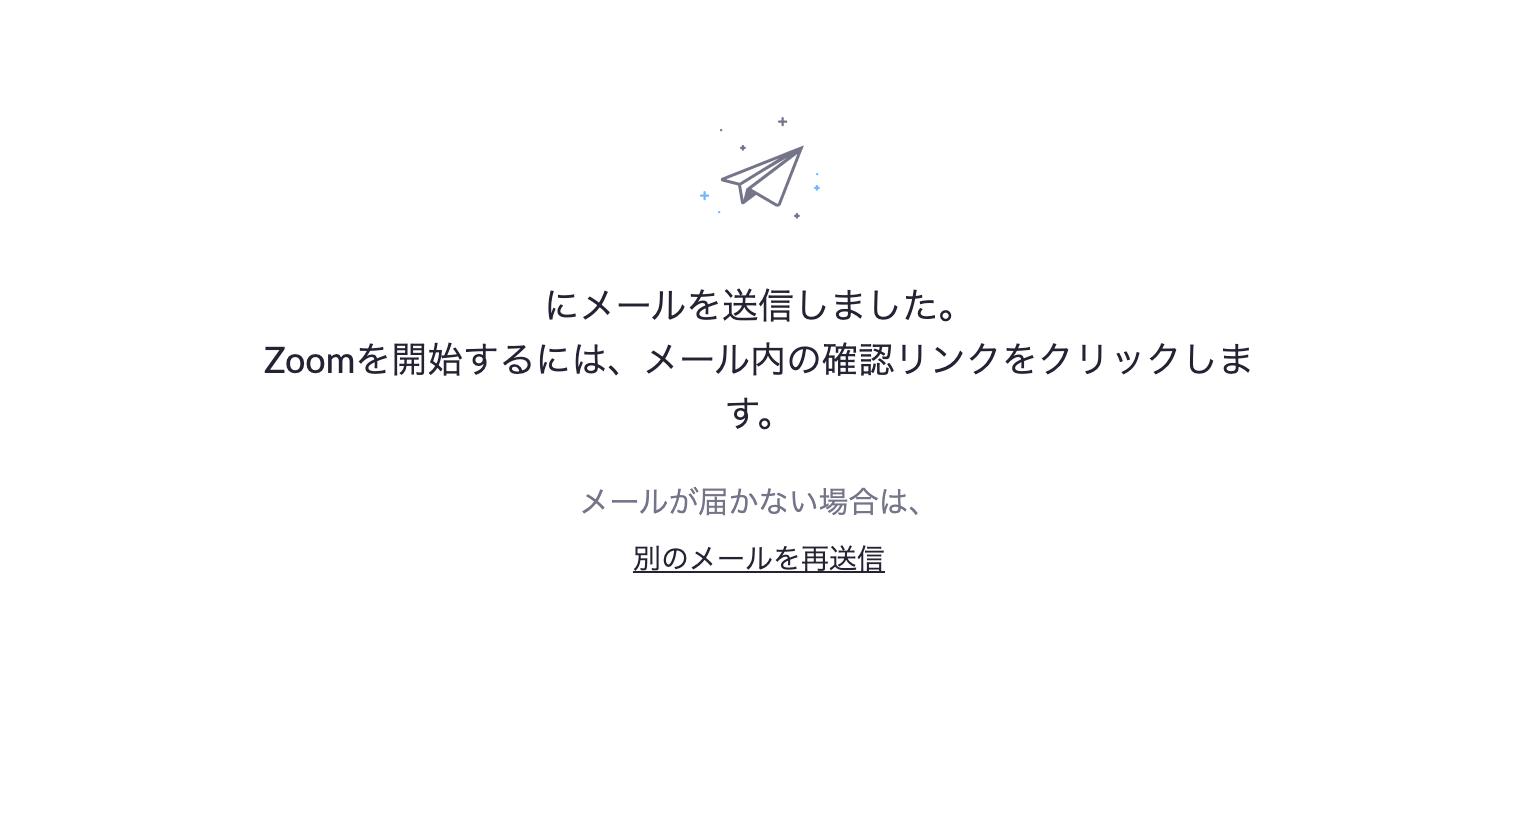 スクリーンショット 2020-04-04 19.56.32.png